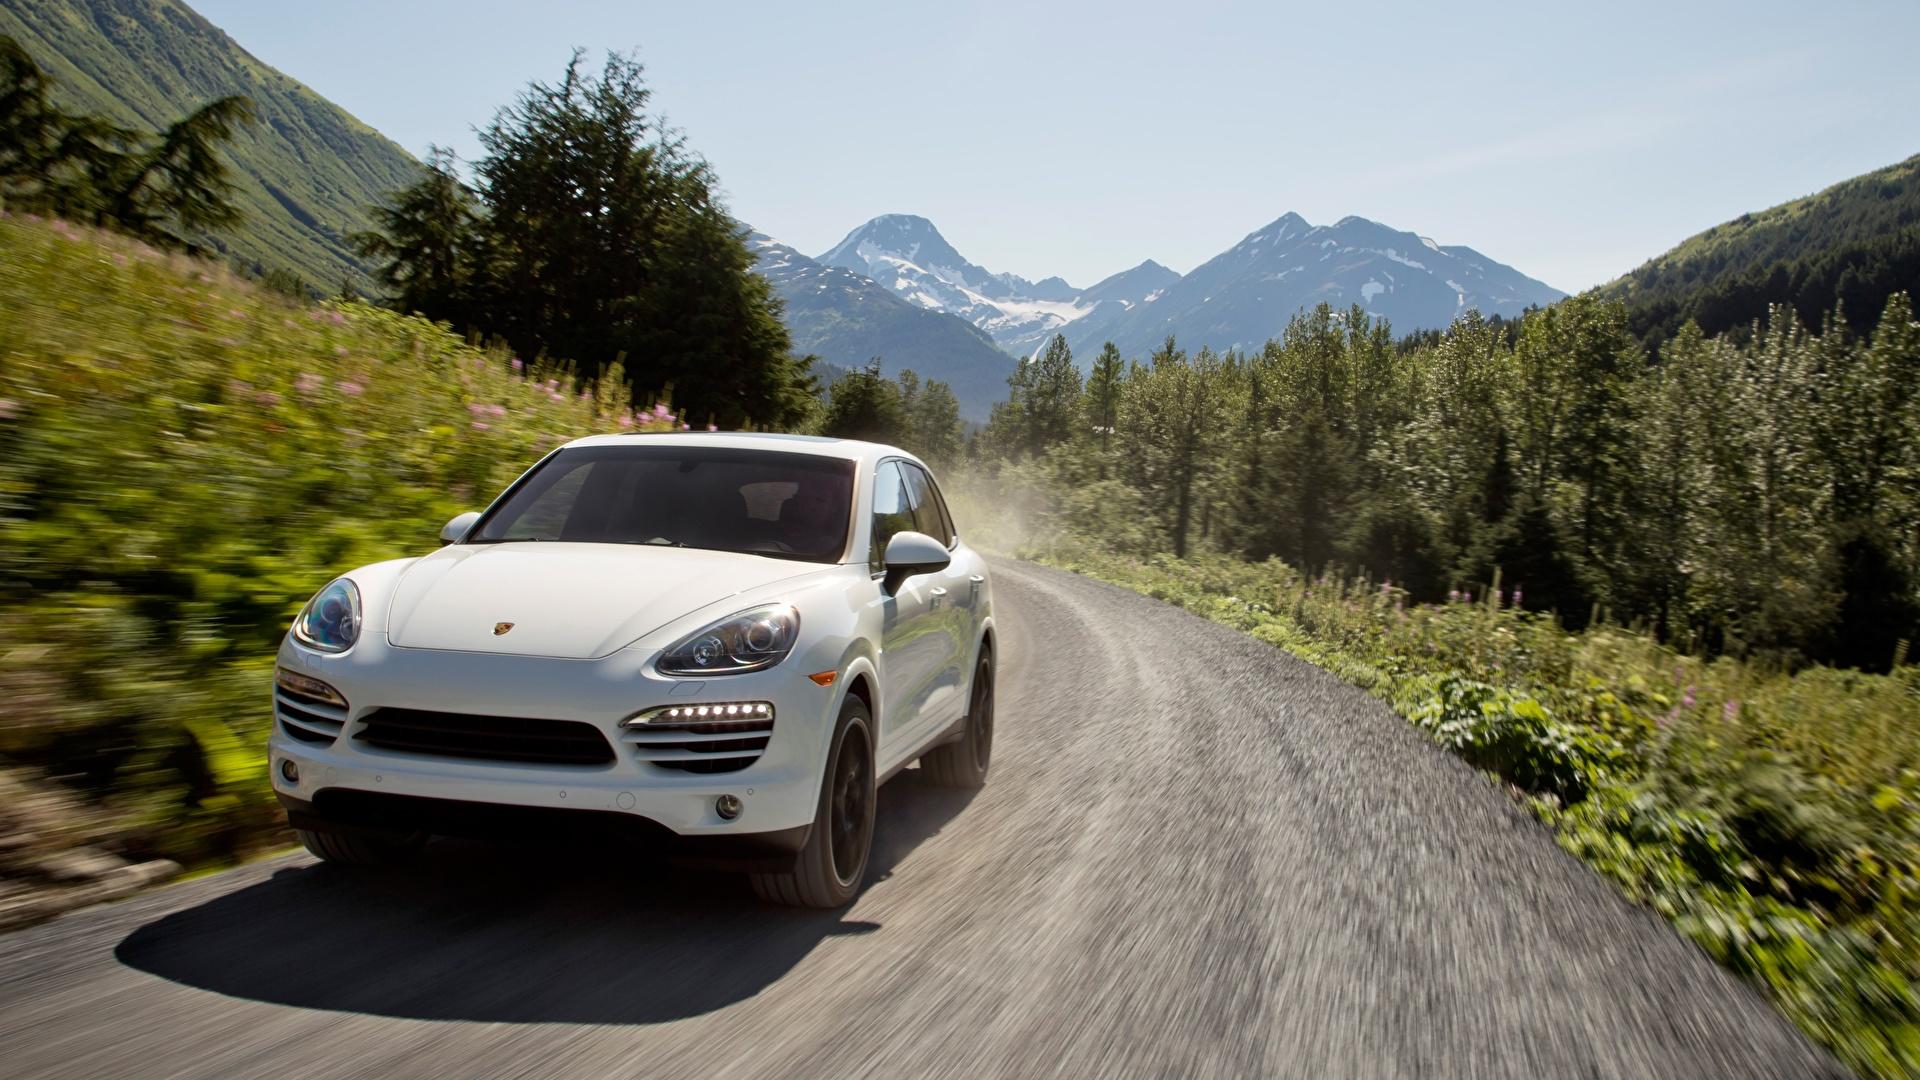 Фото Porsche Кроссовер Cayenne Diesel, US-spec, 2012 белые Дороги едущая Спереди Автомобили 1920x1080 Порше CUV белая Белый белых едет едущий скорость Движение авто машины машина автомобиль